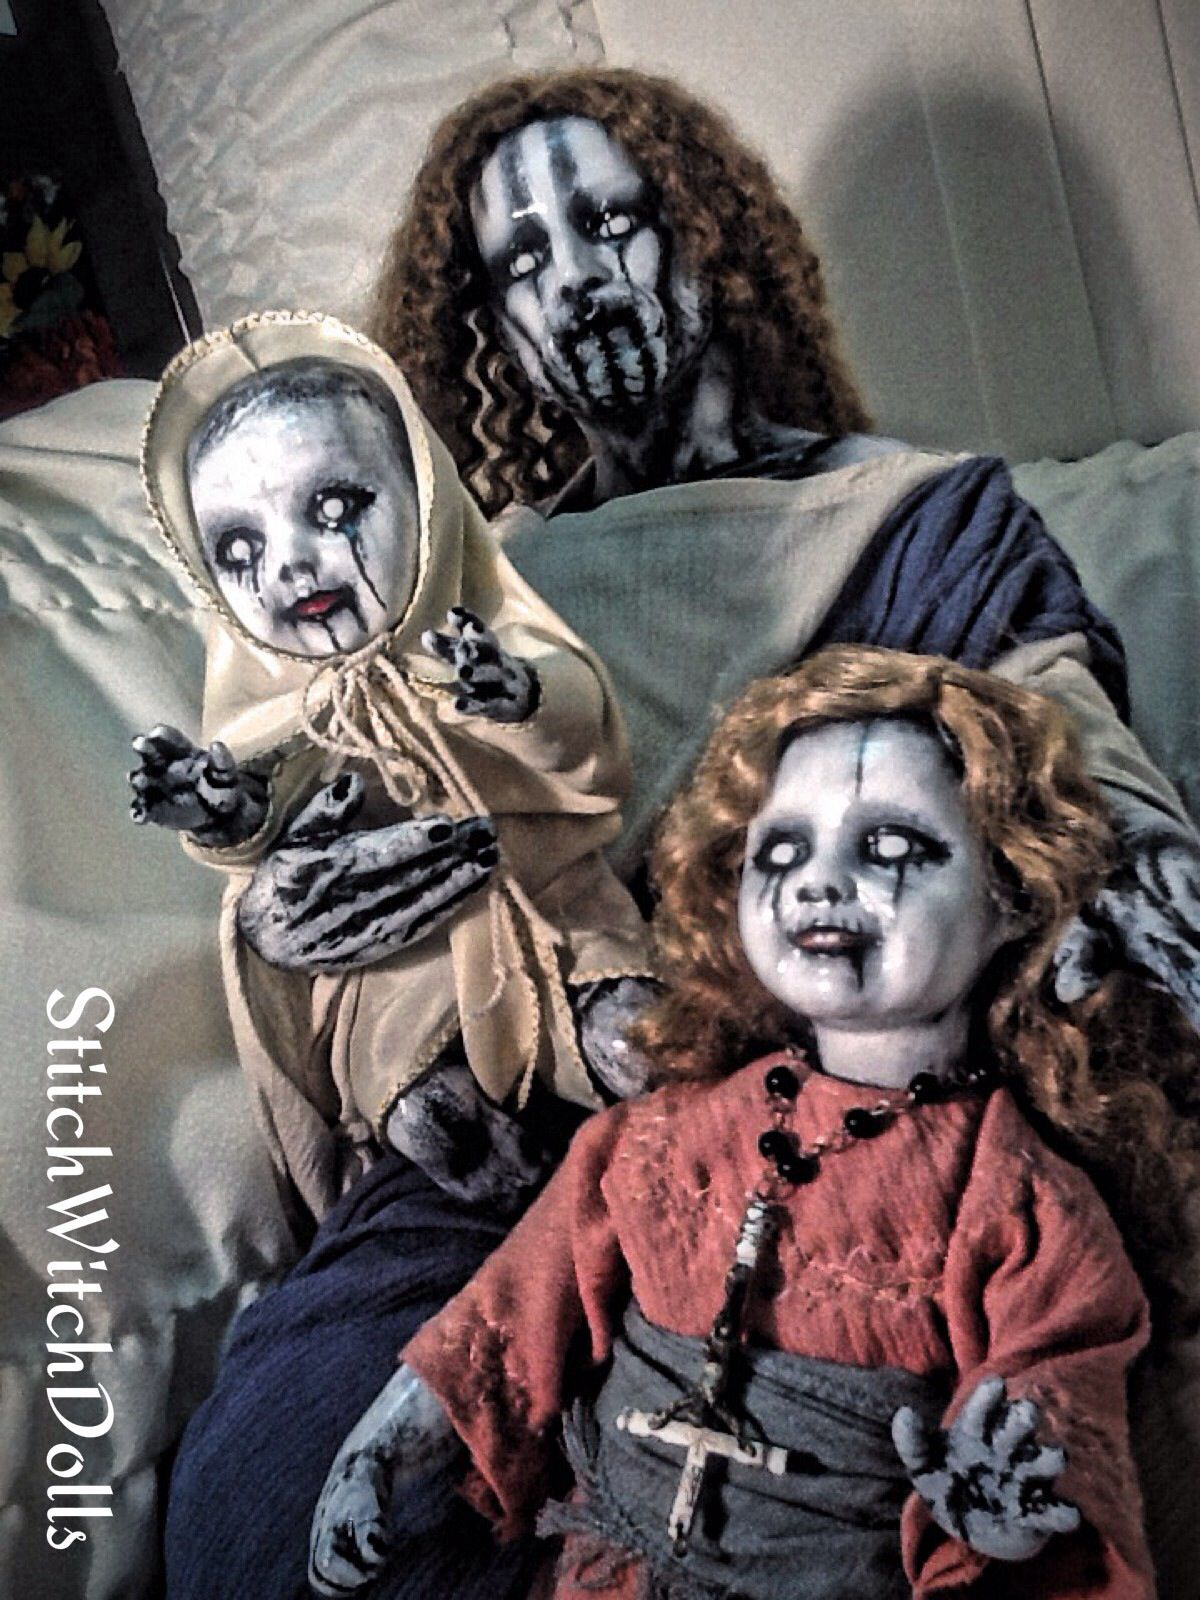 StitchWitchDolls....my Unholy family dolls.... Creepy